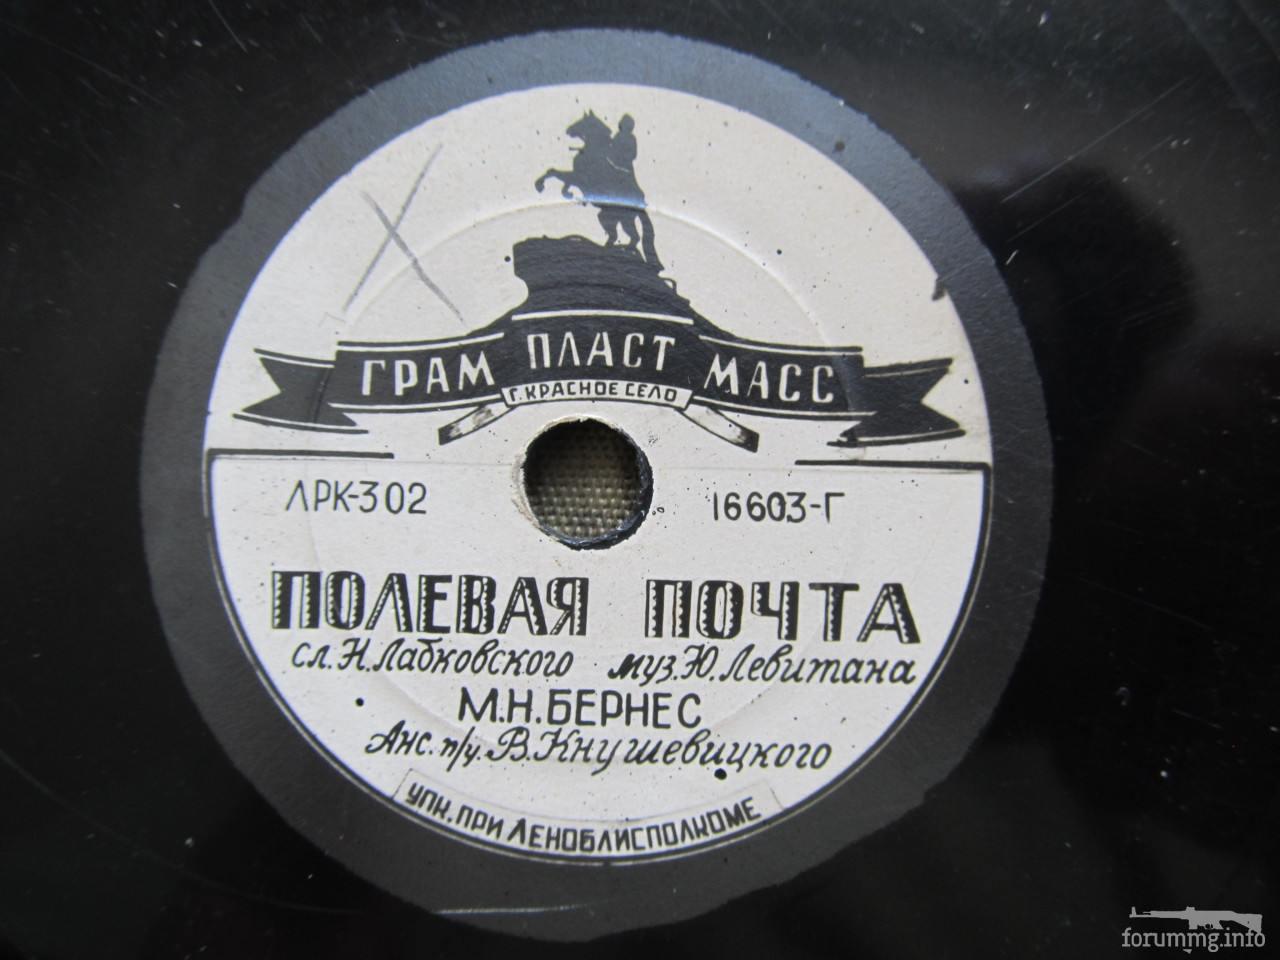 138233 - Міні-колекція патефонних пластів